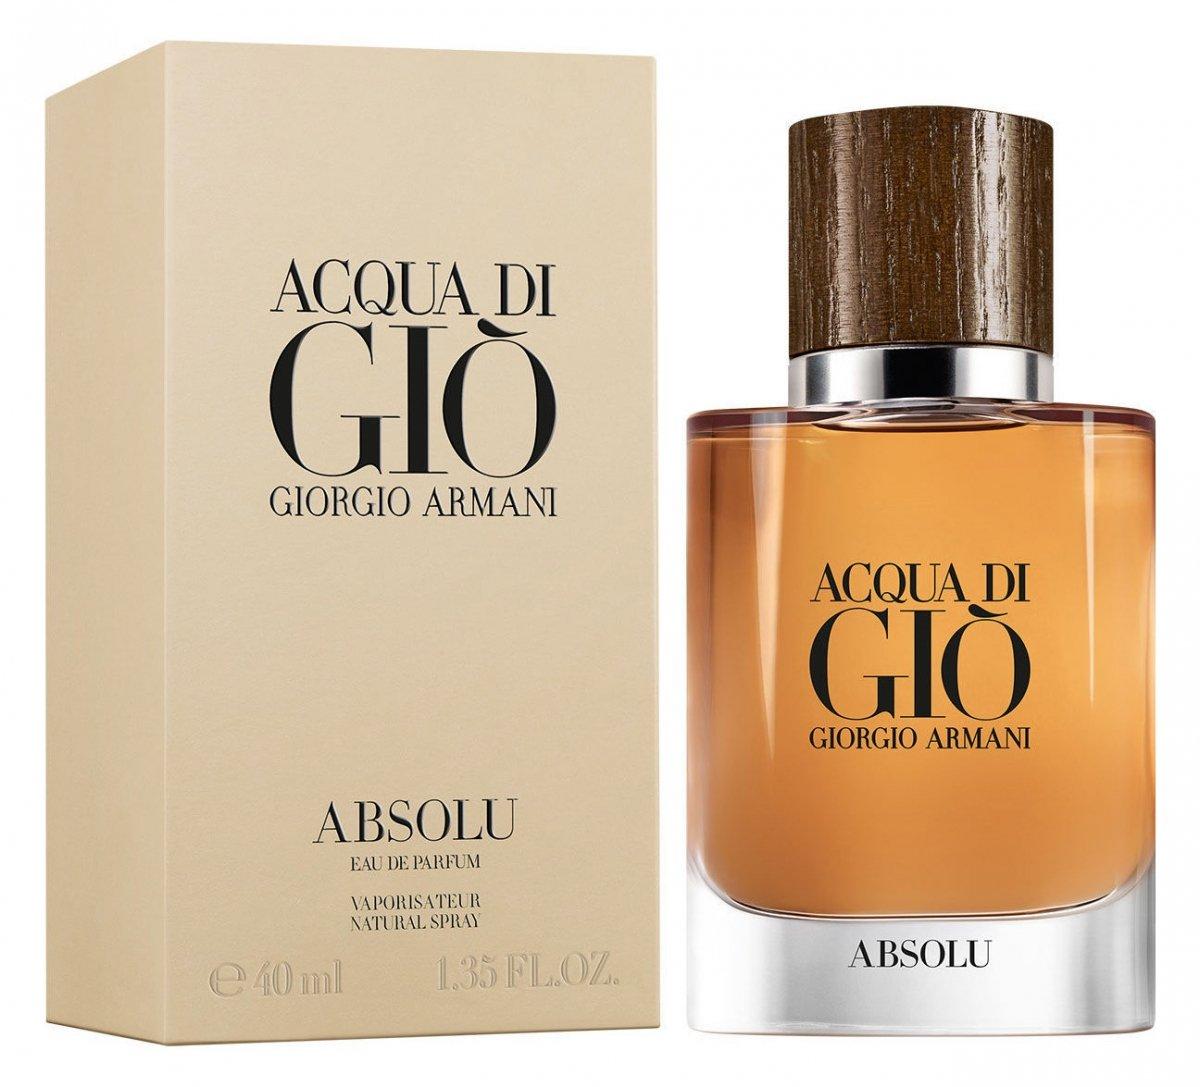 Giorgio Armani Acqua Di Giò Absolu Duftbeschreibung